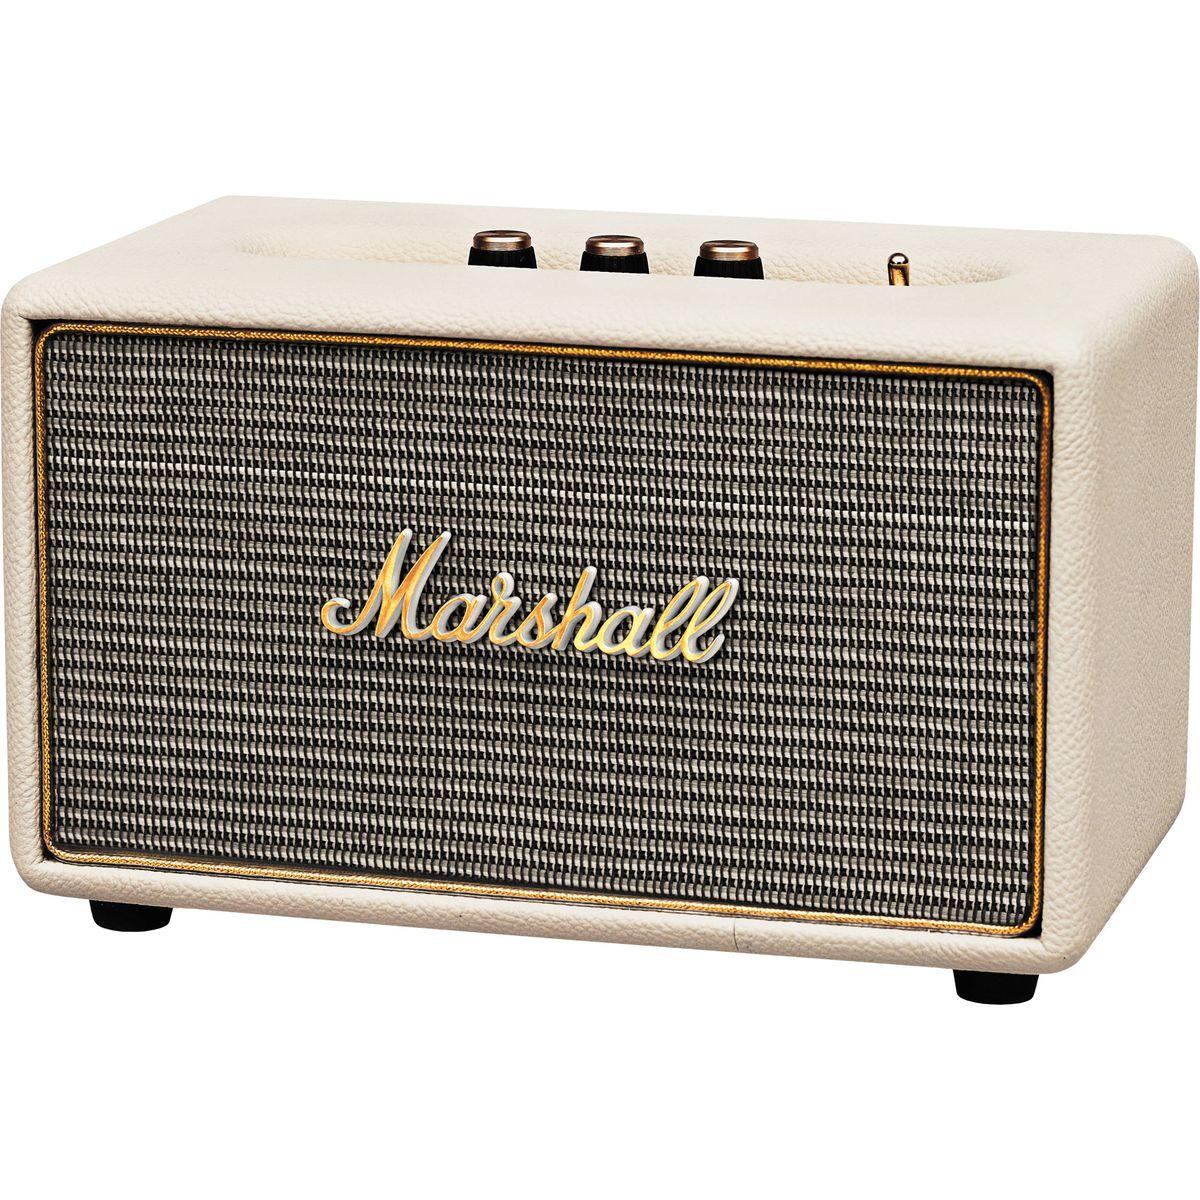 Marshall Acton, Cream акустическая система7340055309875Marshall Acton - самая компактная акустическая система из линейки производителя, выполненная в стиле легендарных гитарных усилителей.Колонка совместима с большинством аудиоустройств, а малые размеры позволяют слушать музыку в любом месте. Для подключения источника можно воспользоваться стандартным 3,5-мм разъемом или установить Bluetooth-соединение.Акустика Marshall Acton оформлена в классическом ретро-стиле, с прочным виниловым покрытием и золотой окантовкой. Все основные органы управления вынесены на верхнюю панель, что делает колонку удобной в эксплуатации, а 4 низкочастотный динамик и два 3/4 твиттера обеспечивают мощный детализированный звук.Marshall Acton - прекрасный выбор для всех любителей качественного звука в сочетании со стильным дизайном.Частота кроссовера: 4200 Гц